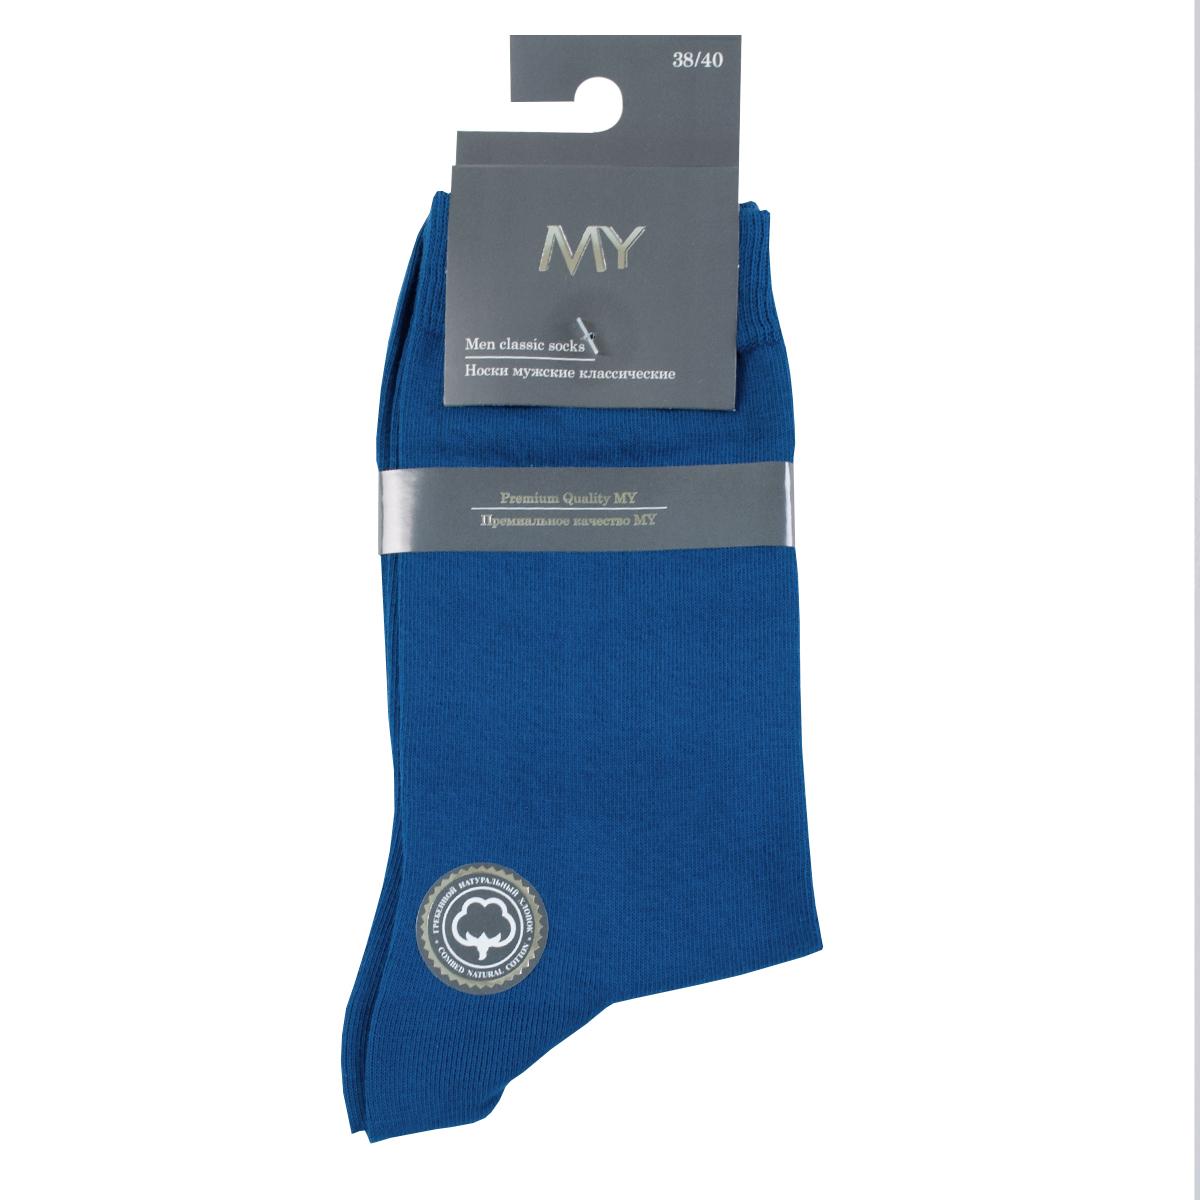 Носки мужские Mirey, цвет: темно-синий. MSC 003. Размер (44/46)MSC 003Классические мужские носки от Mirey выполнены из хлопка с эластаном.Мысок и пятка не усиленные, двойная резинка, плоский шов.